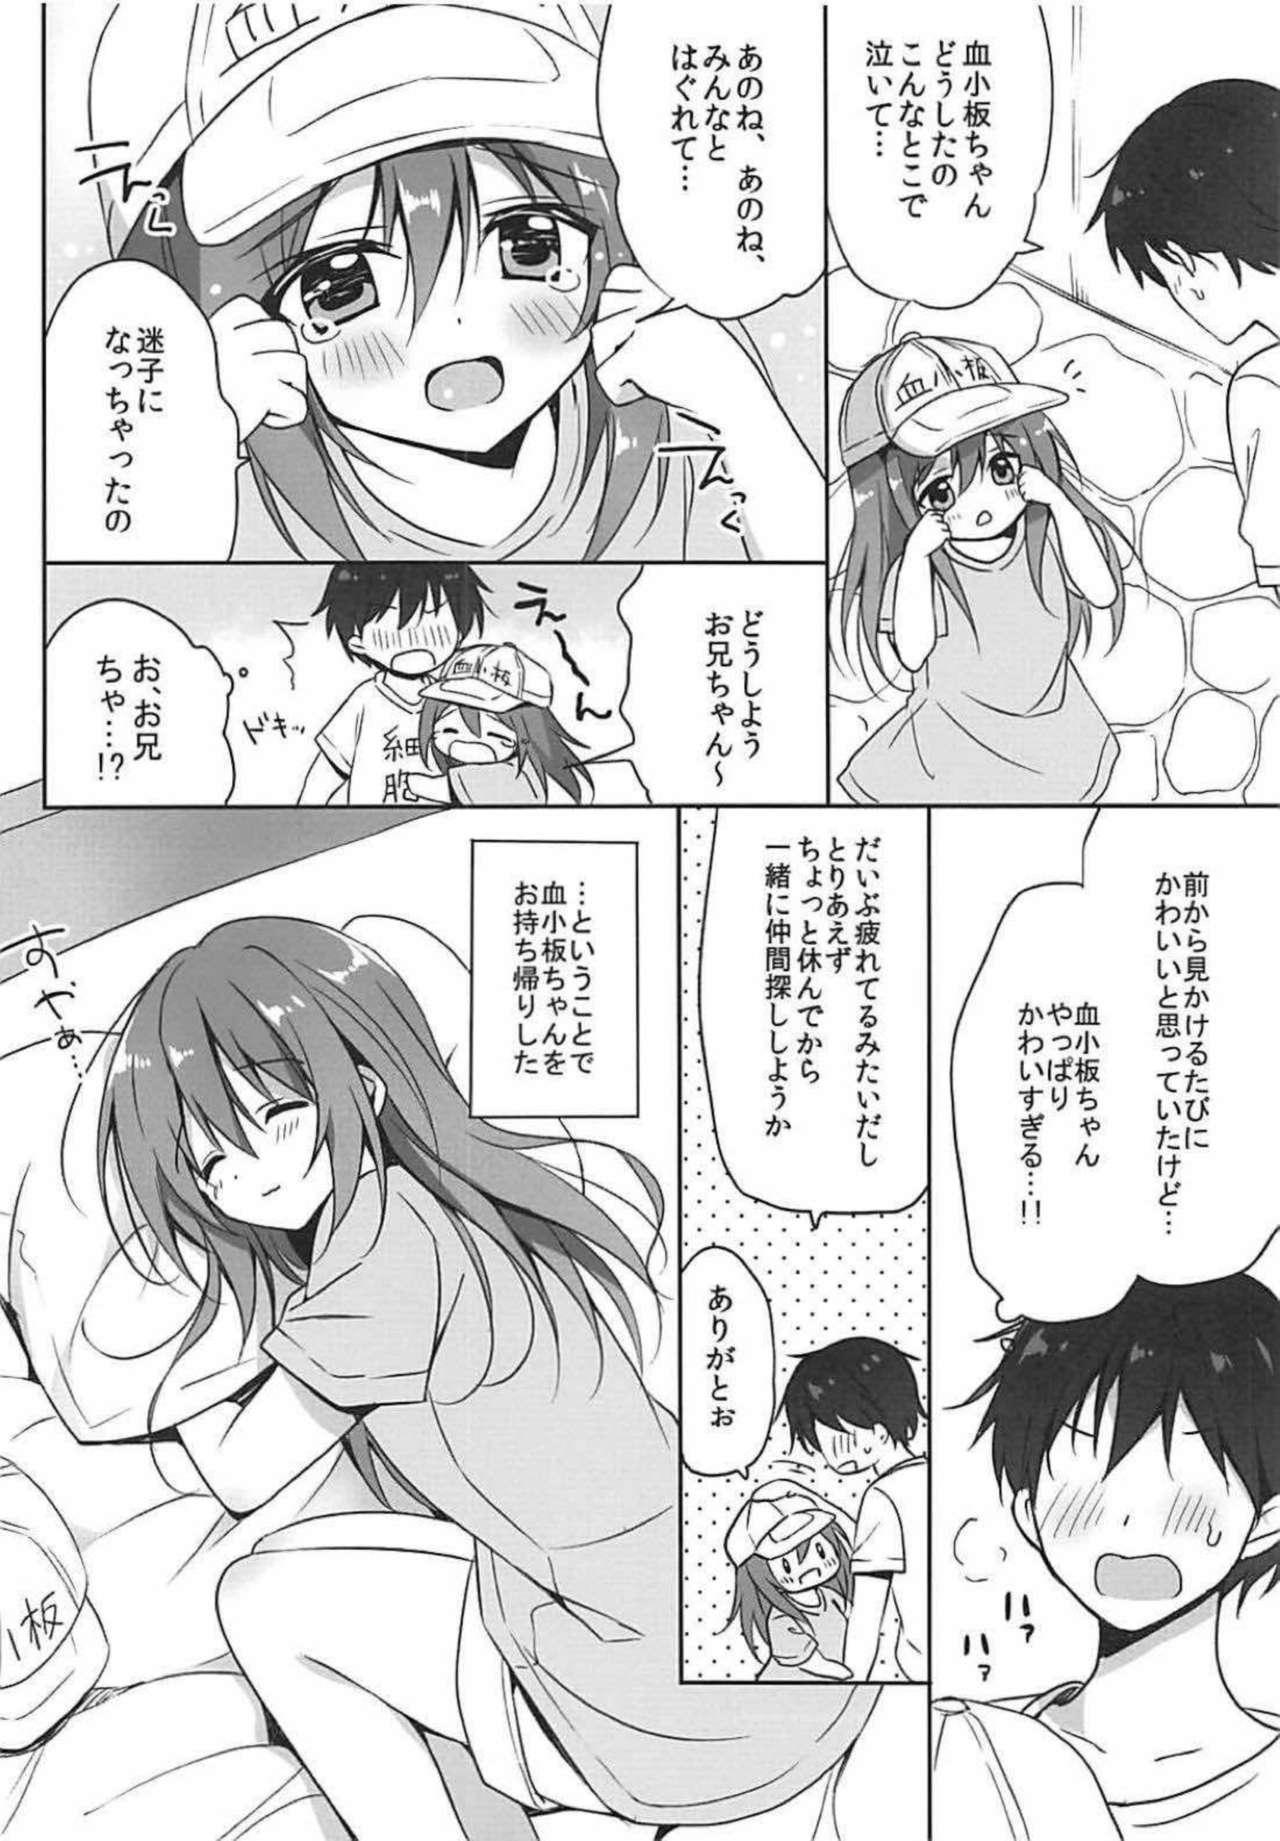 Kesshouban-chan to ○○○ Shitai! 4